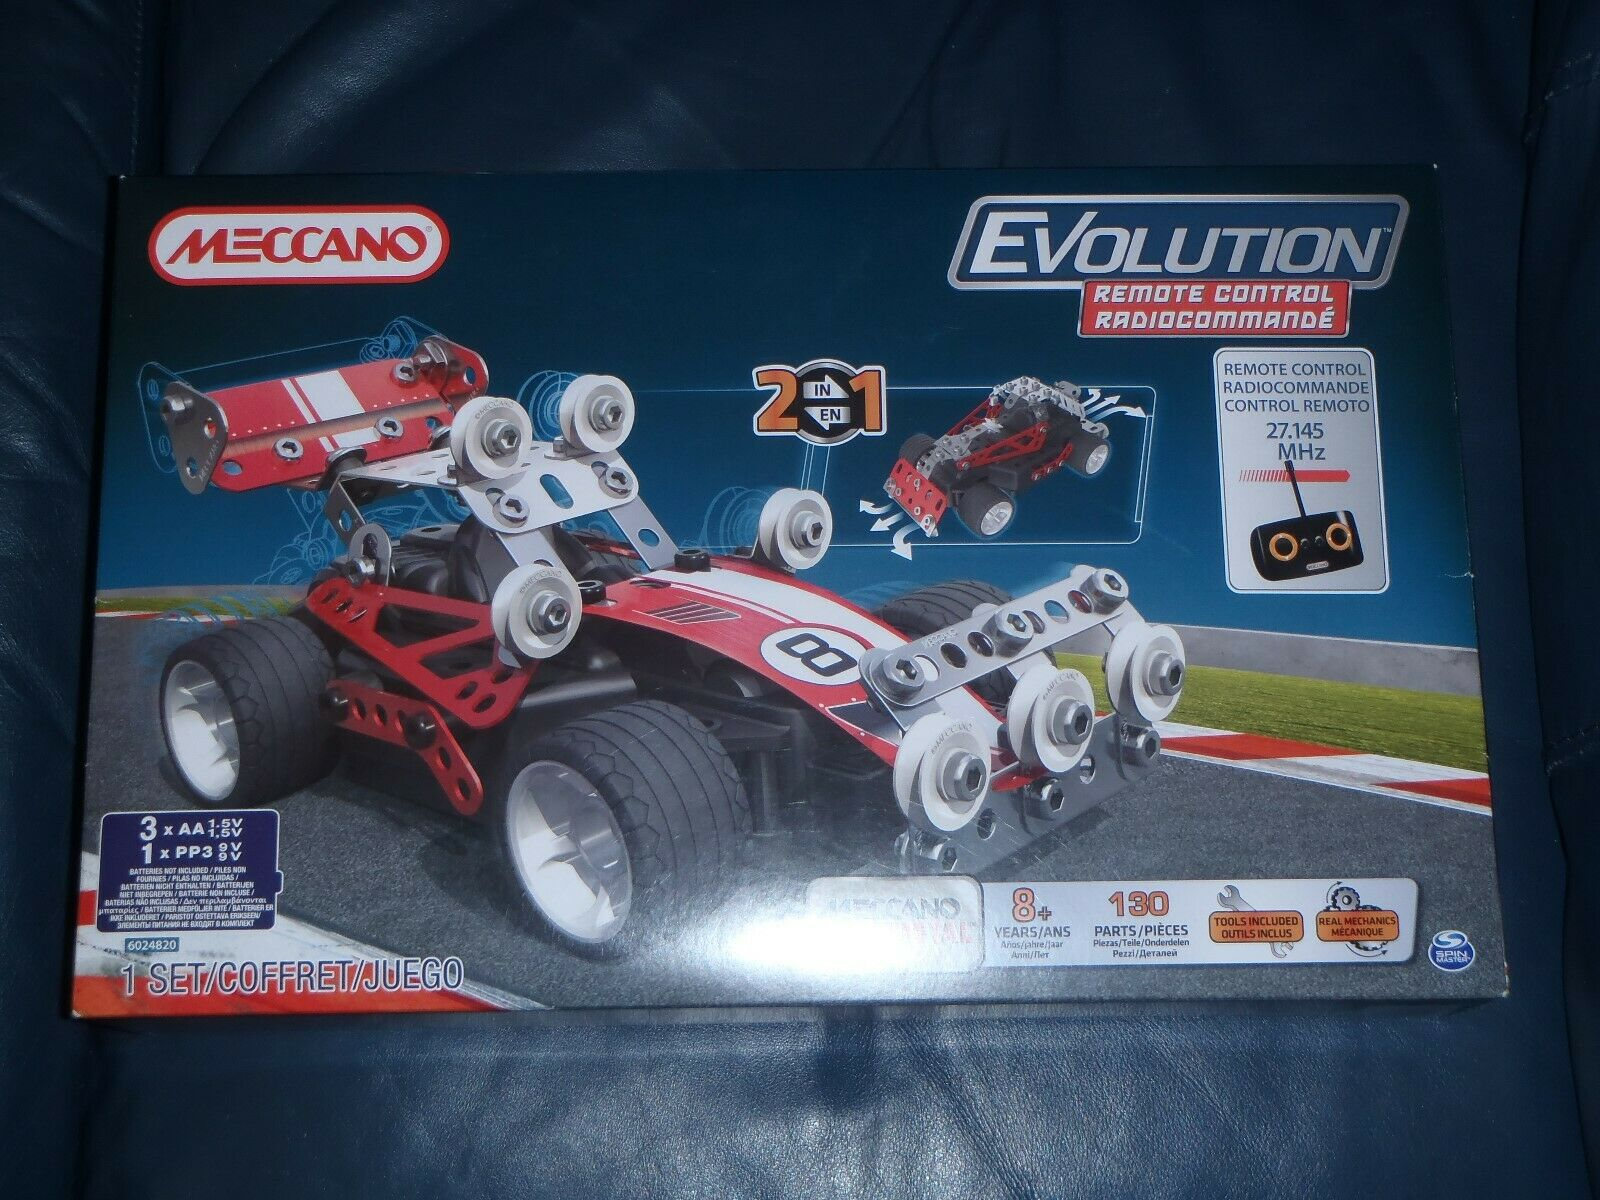 Meccano Set - Remote Control Evolution Car 2 in 1 6024820   NEW + SEALED